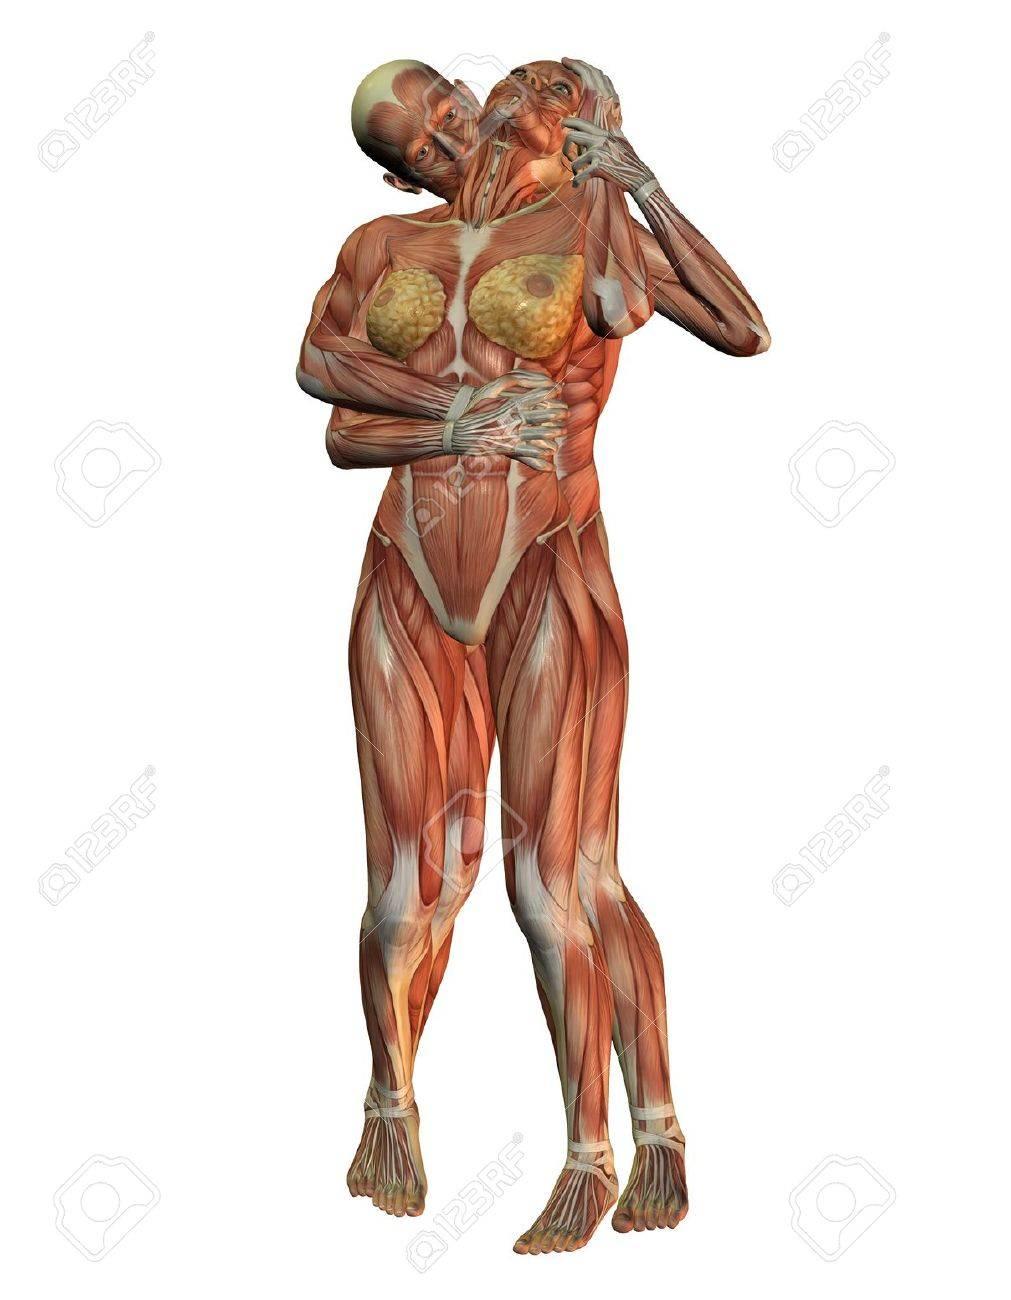 3D-Rendering Der Anatomie Und Muskuläre Struktur Des Menschlichen ...